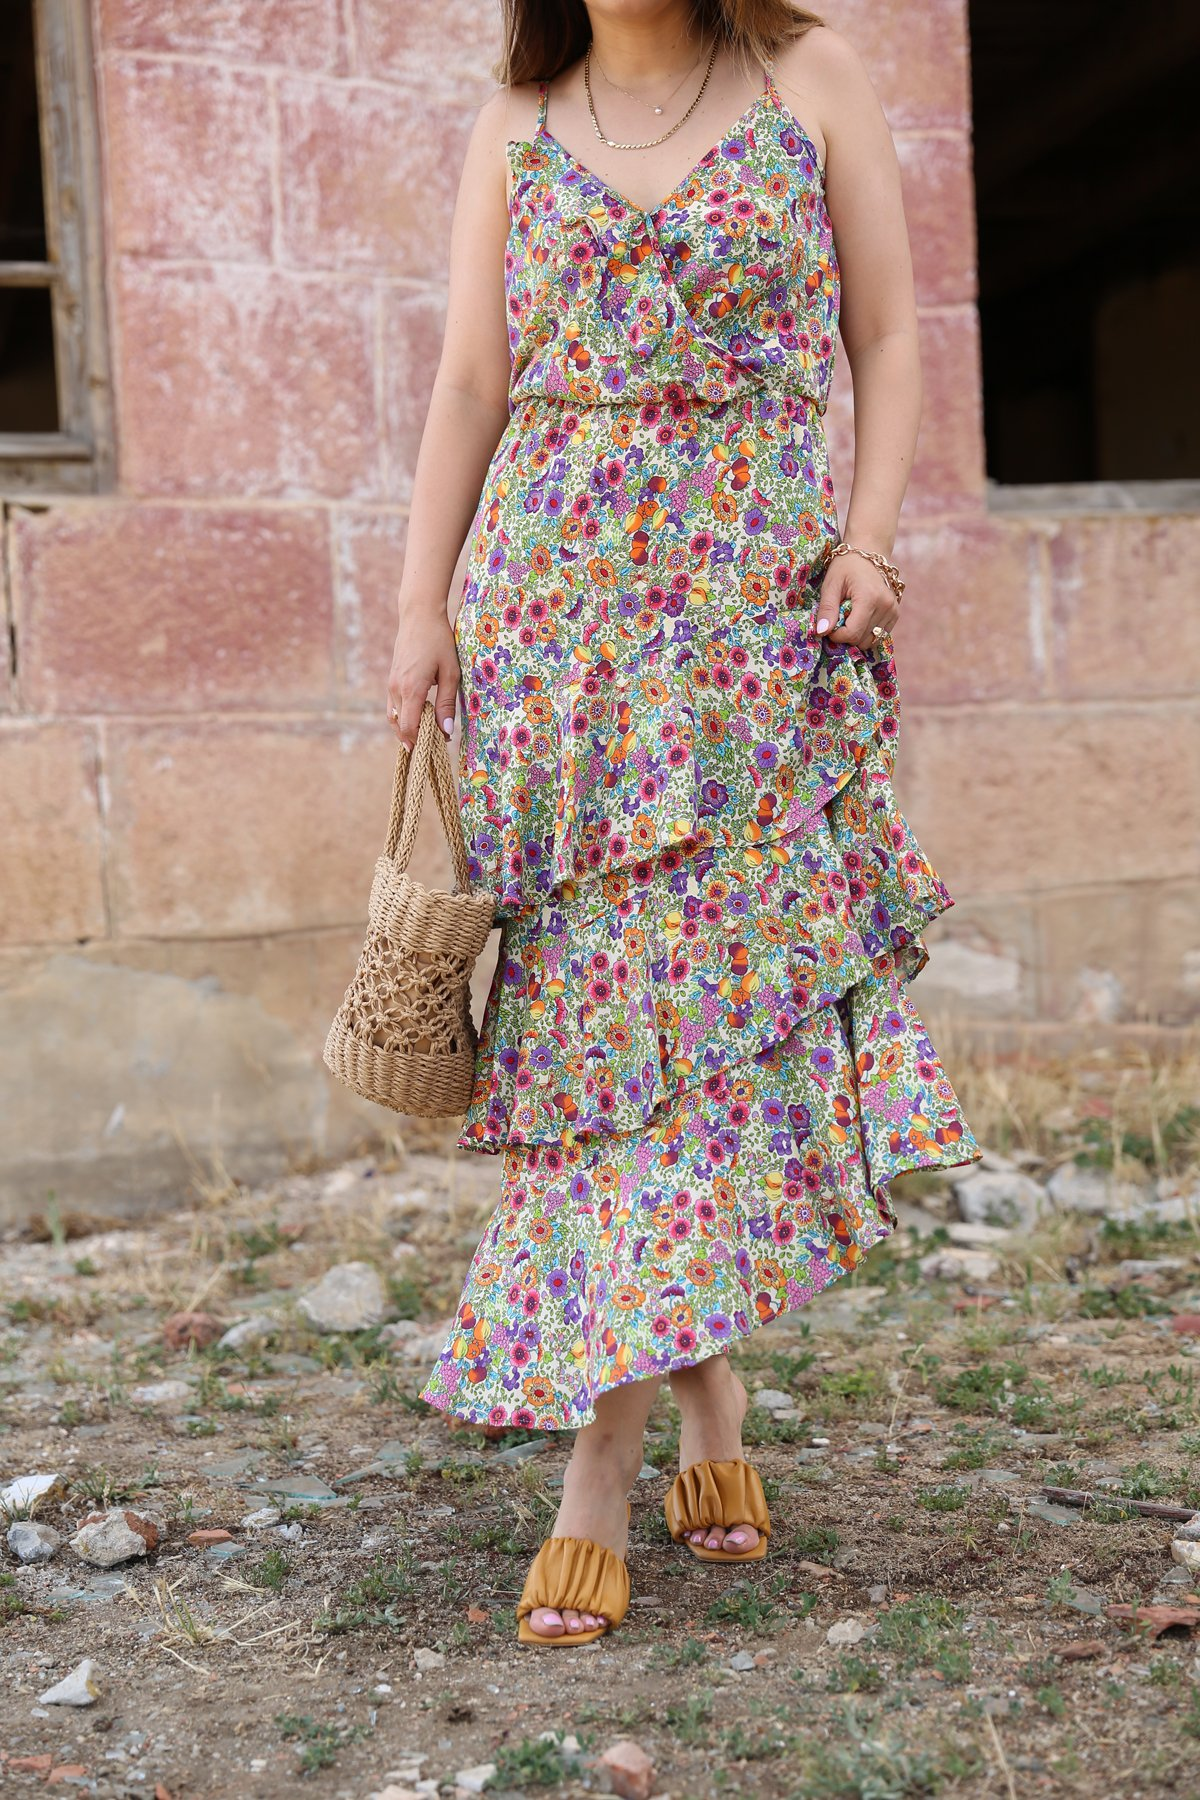 İp Askılı Asimetrik Kesim Elbise